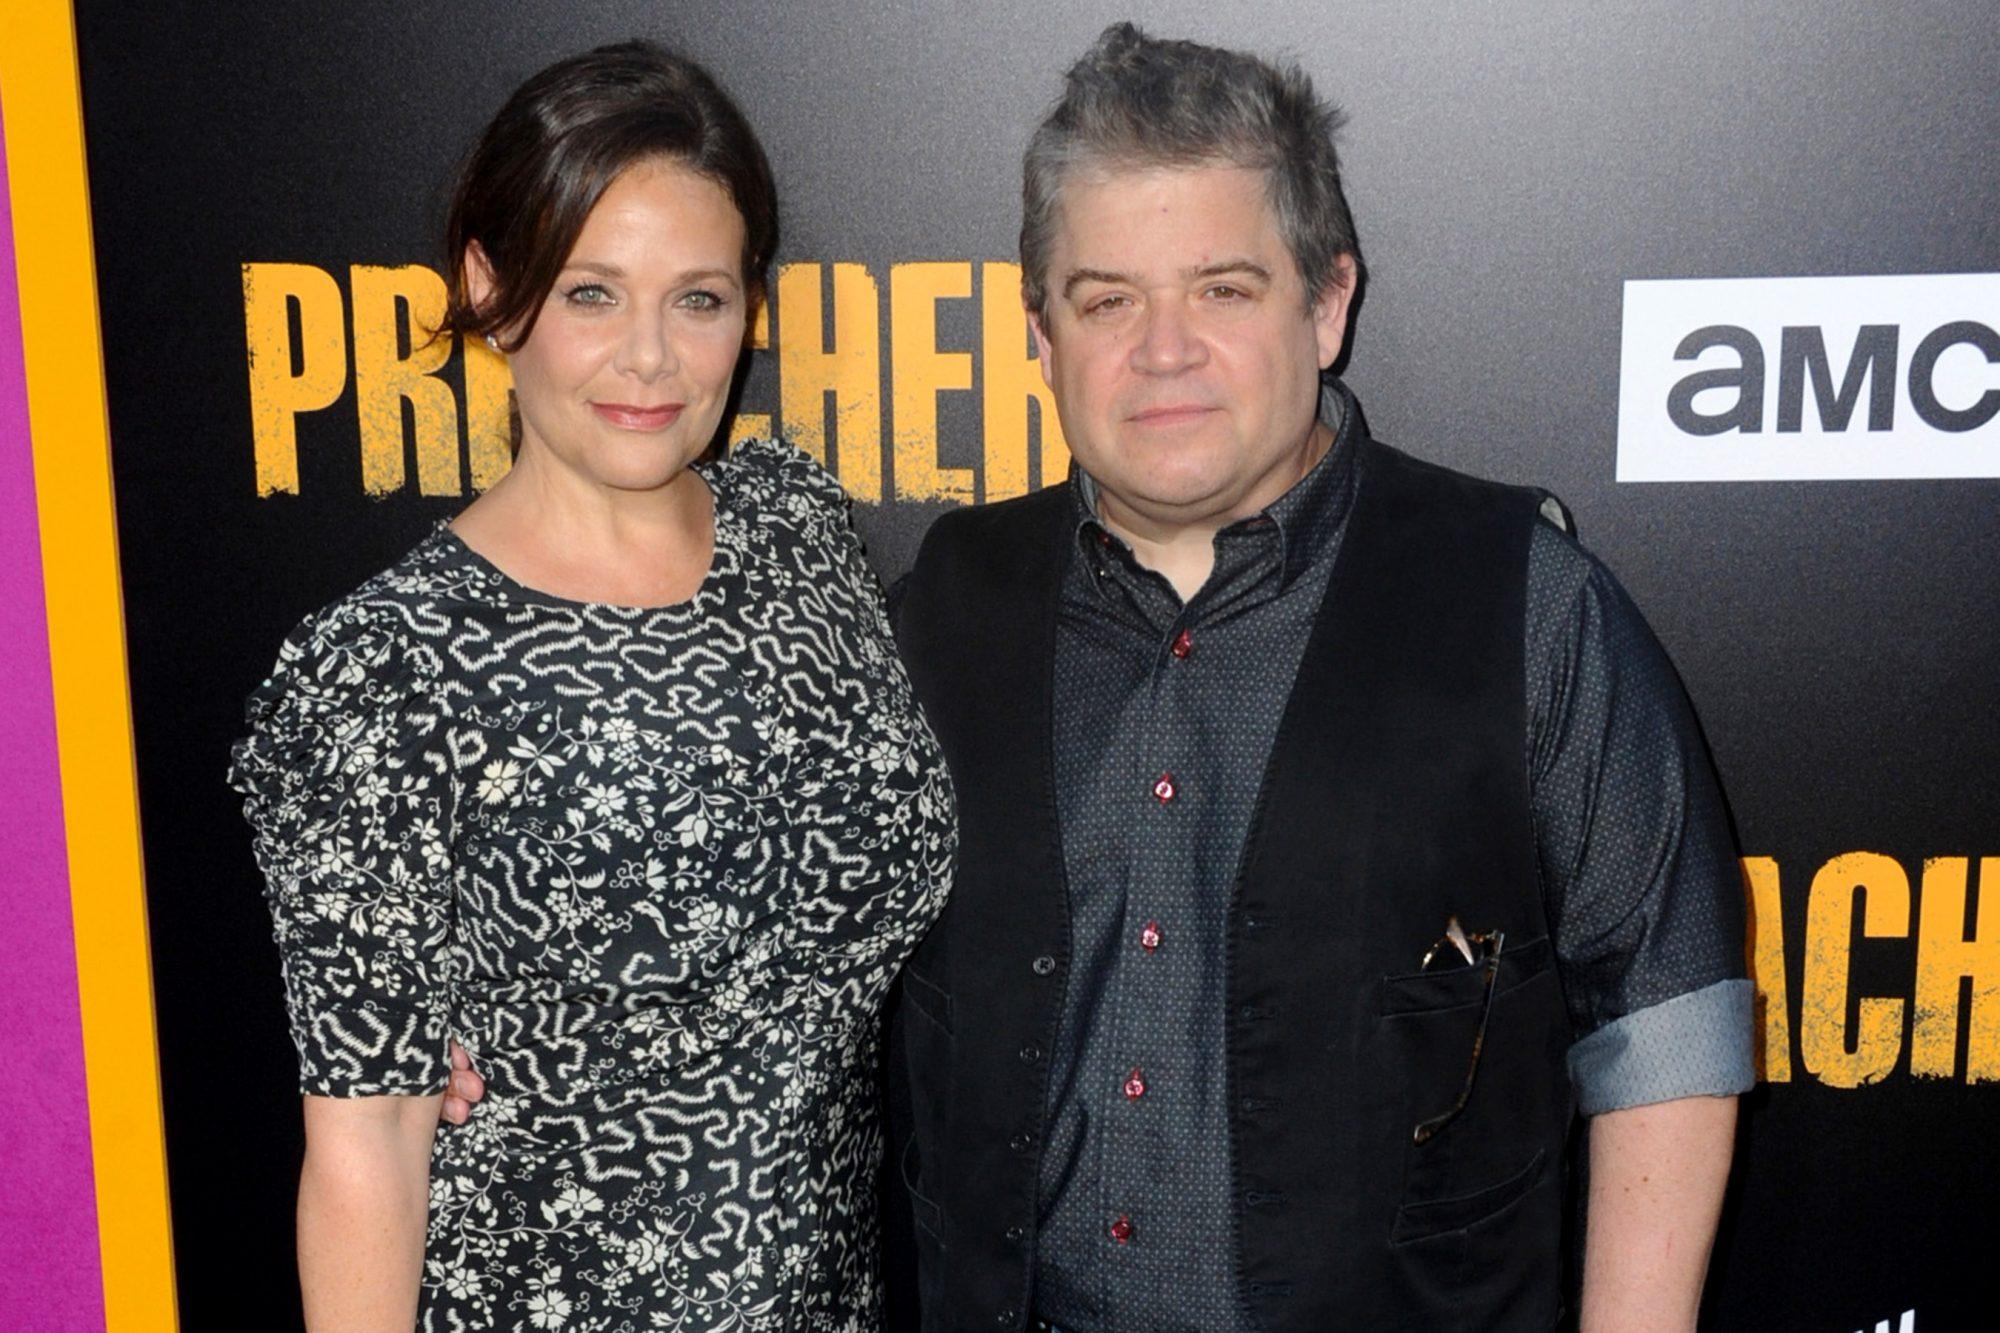 """Premiere Of AMC's """"Preacher"""" Season 2 - Arrivals"""